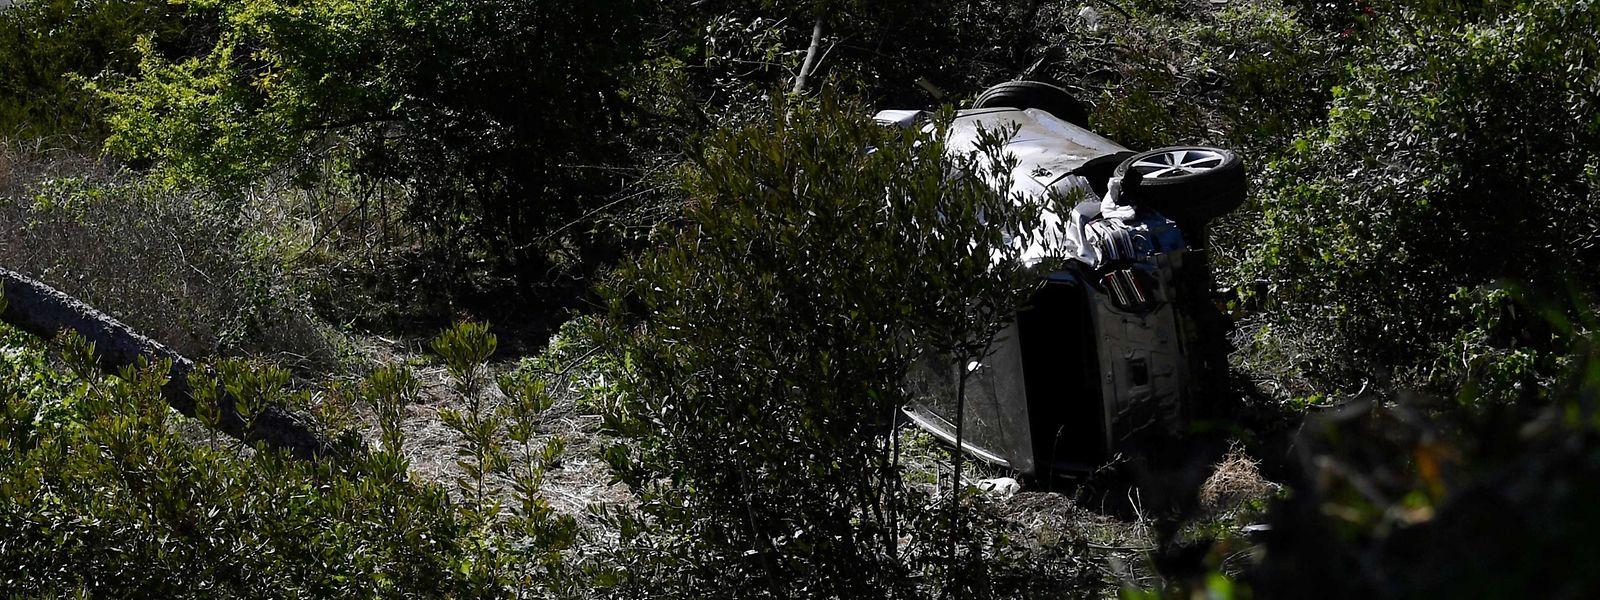 Das schwer beschädigte SUV von Tiger Woods nach dem Unfall.